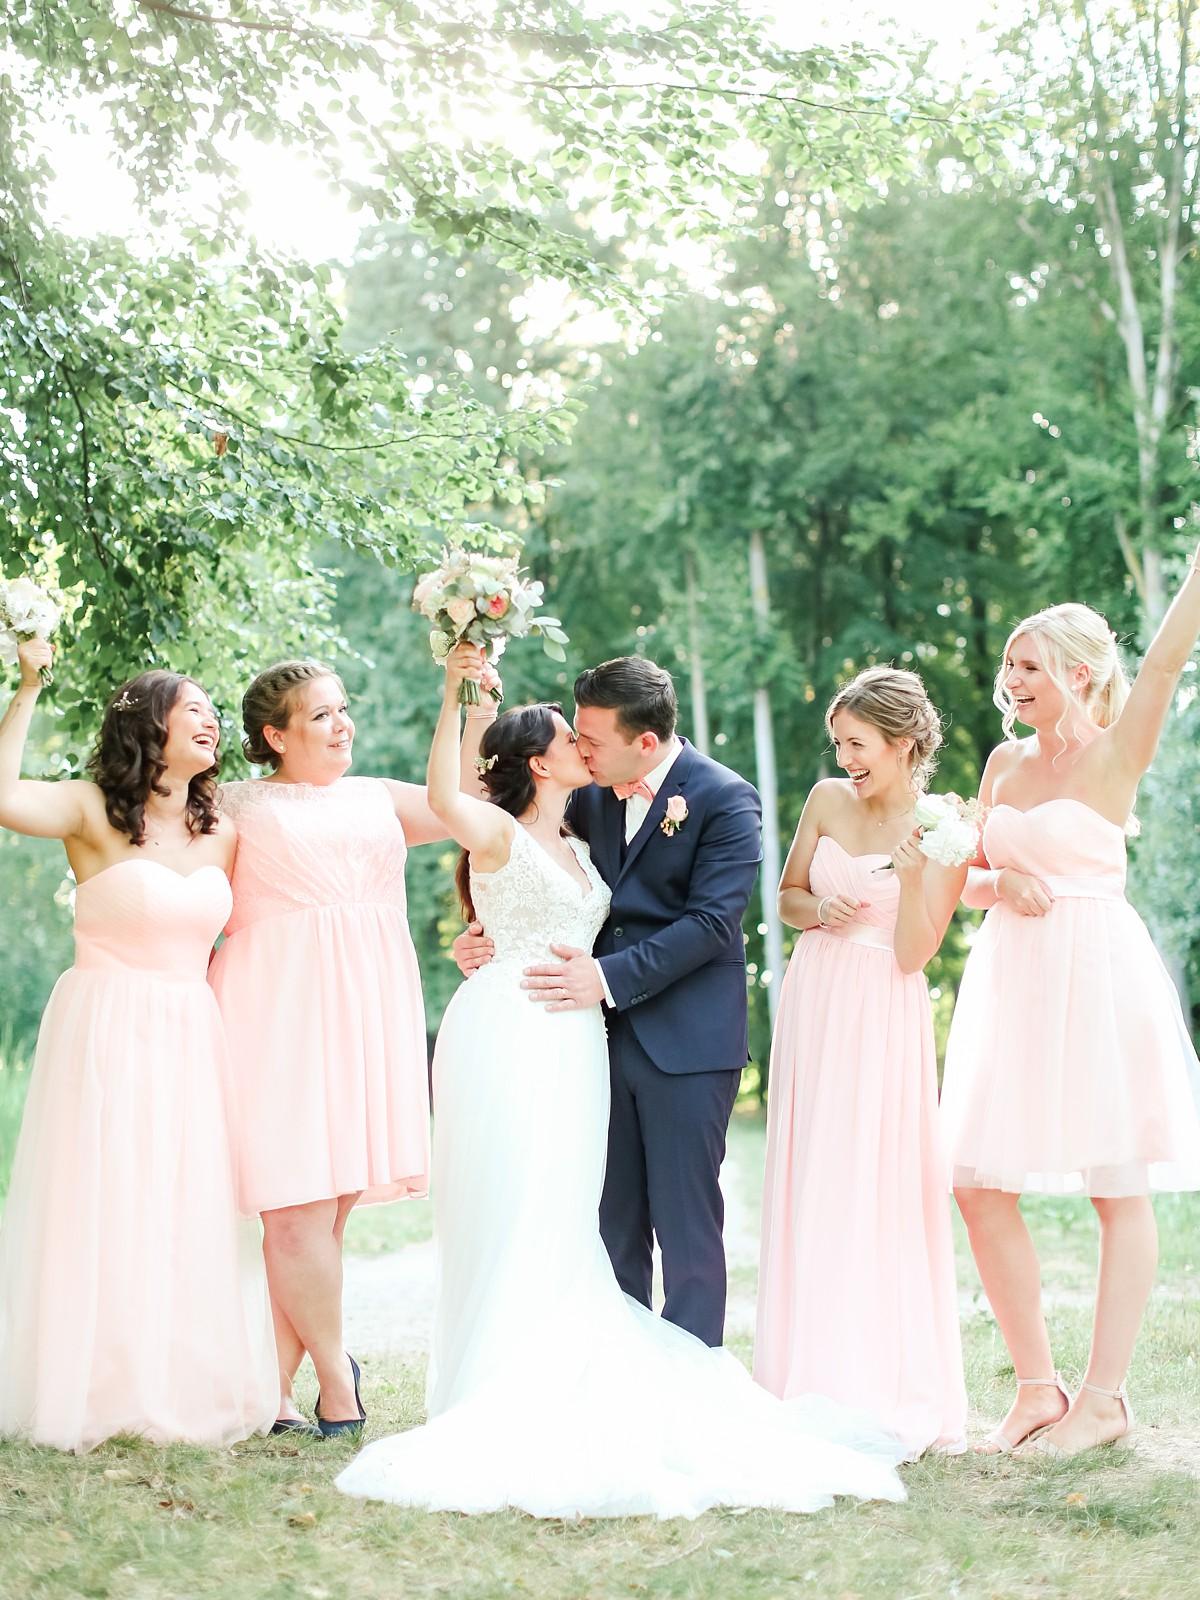 Hochzeitsfotograf-Gütersloh-Orangerie-Schloss-Rheda-Hochzeit-Nrw_0123